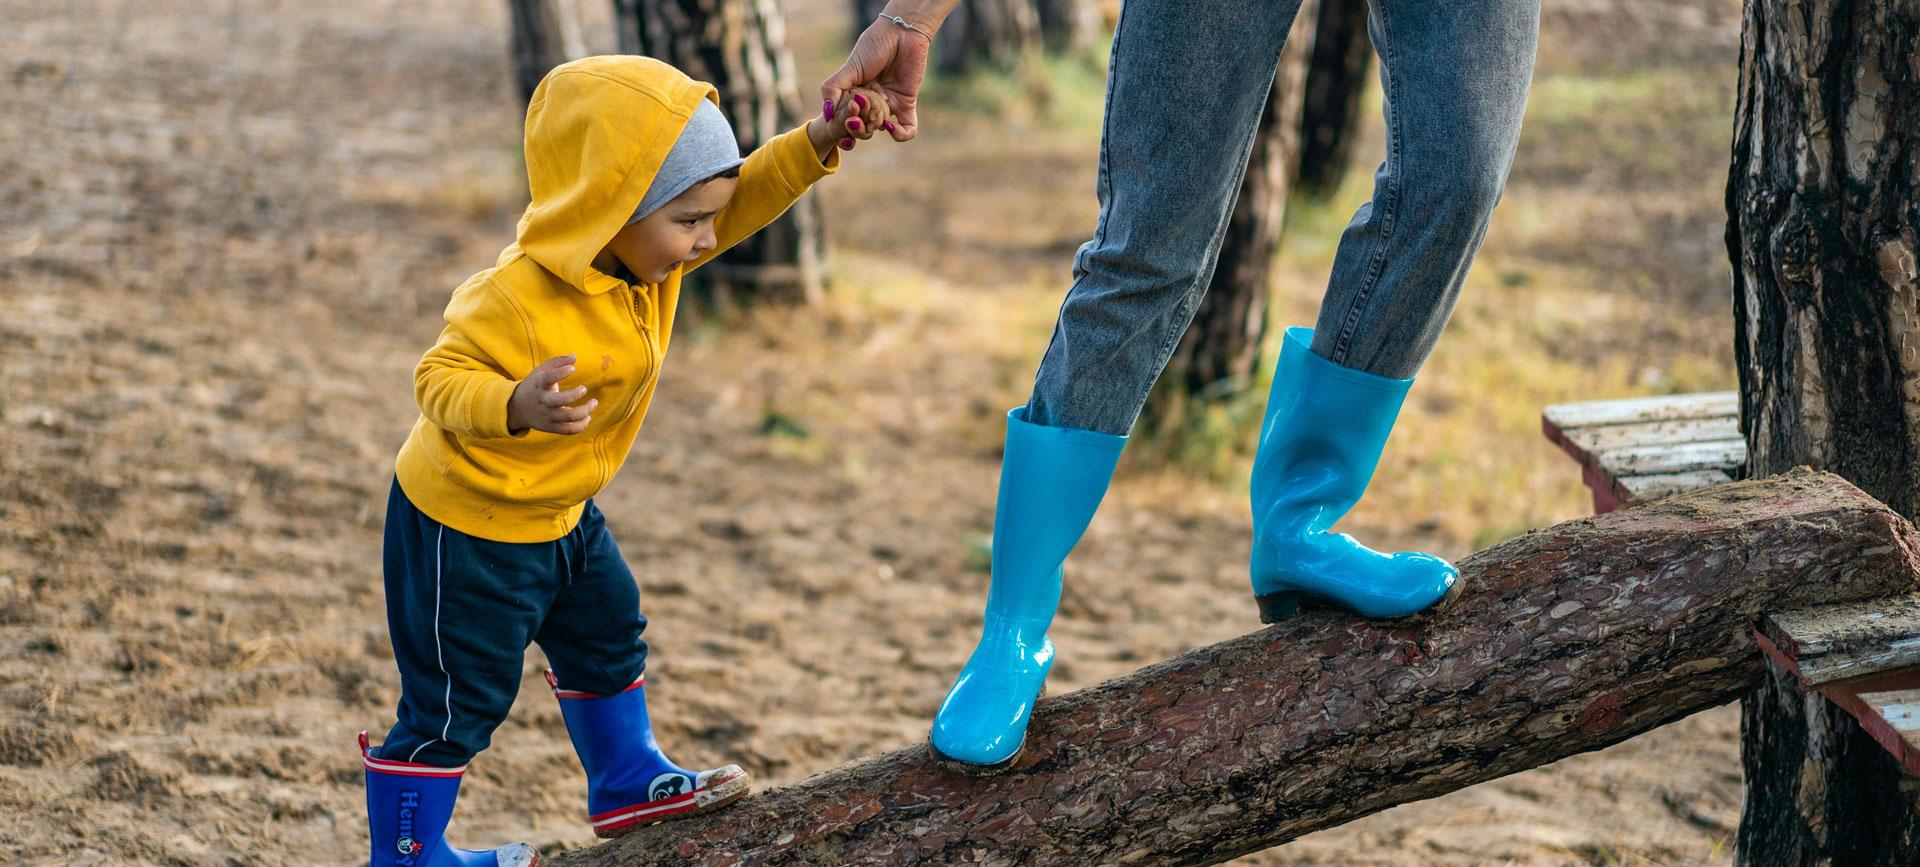 Hoe blijven we samen goed voor de kinderen zorgen na onze scheiding?